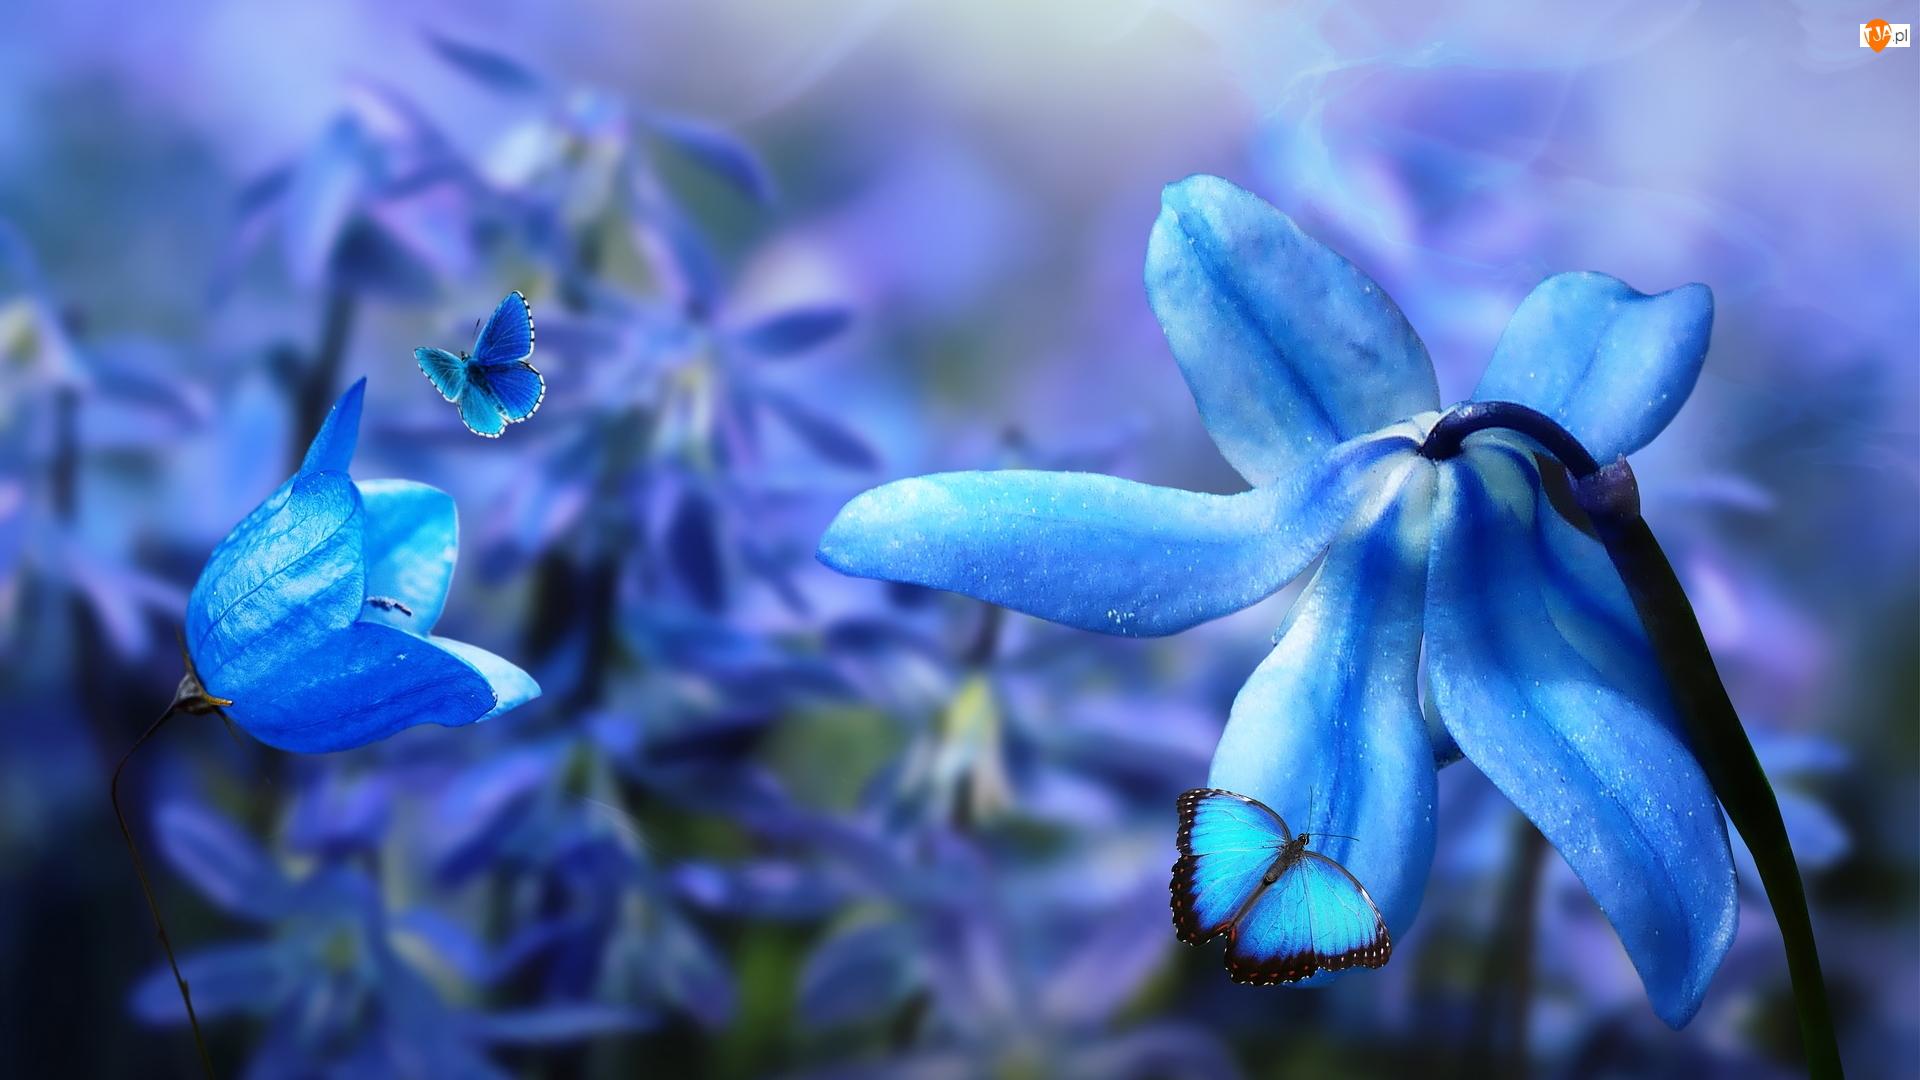 Niebieskie, Kwiaty, Cebulica, Motyle, Płatki, Dzwonek